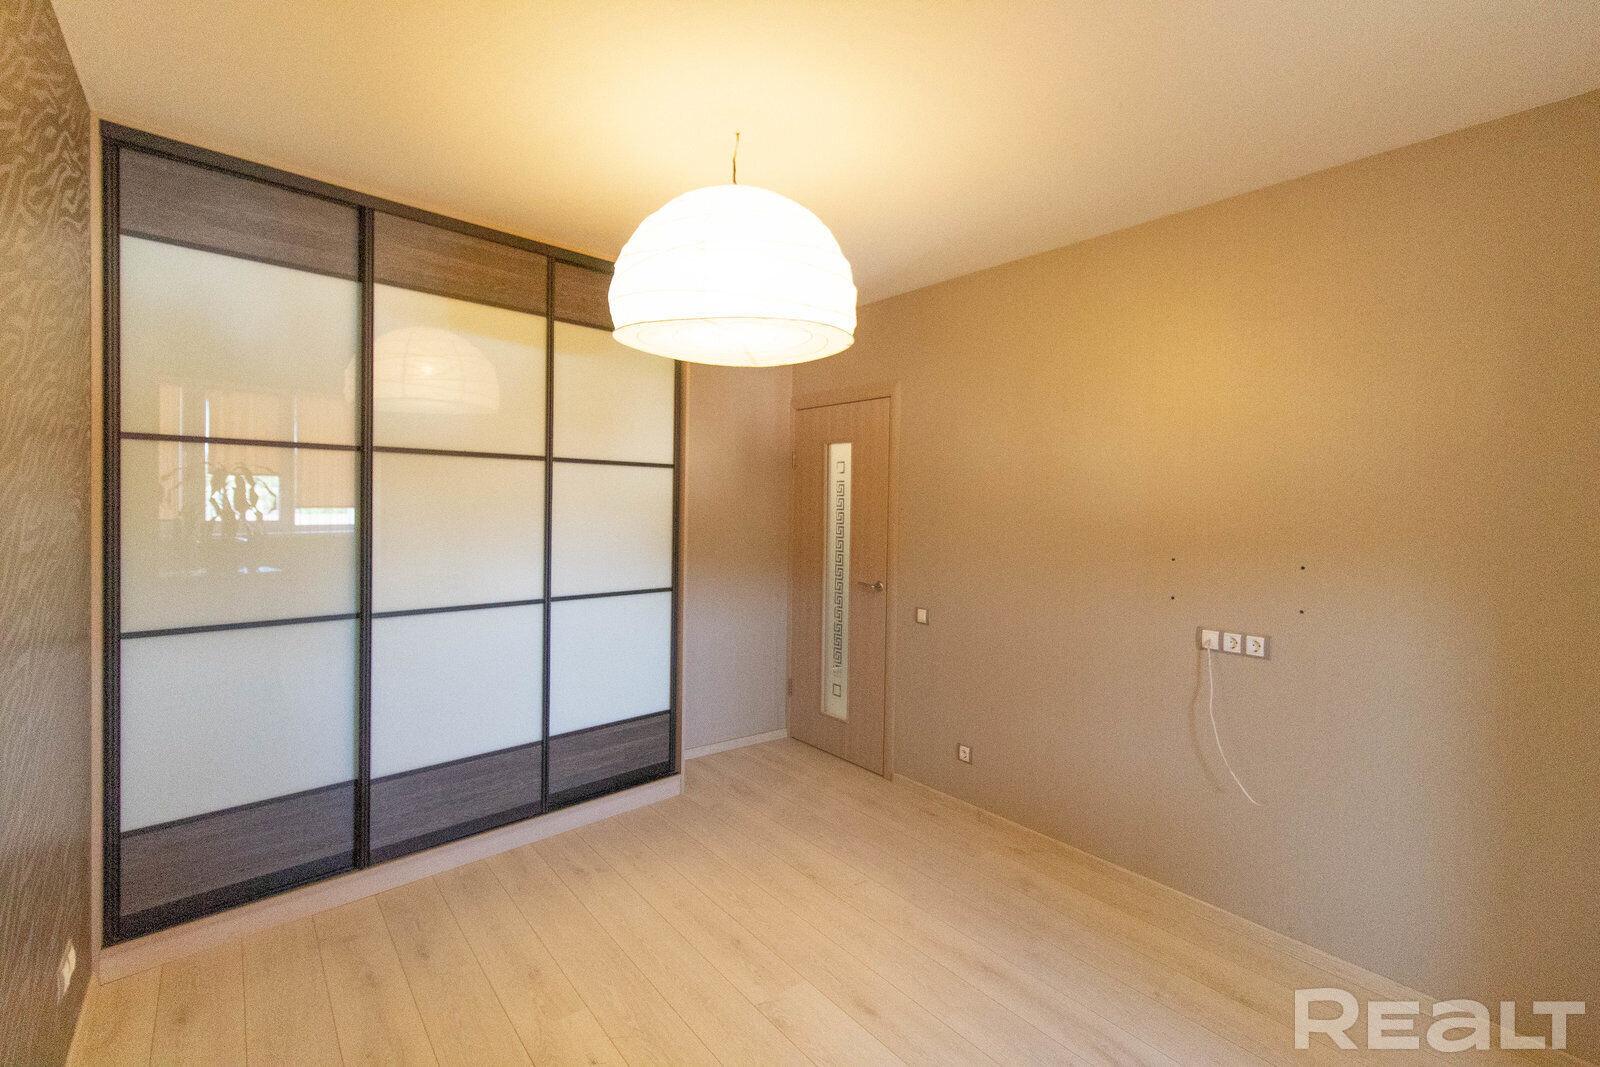 Продается 3-х комнатная квартира, Боровляны - фото №8